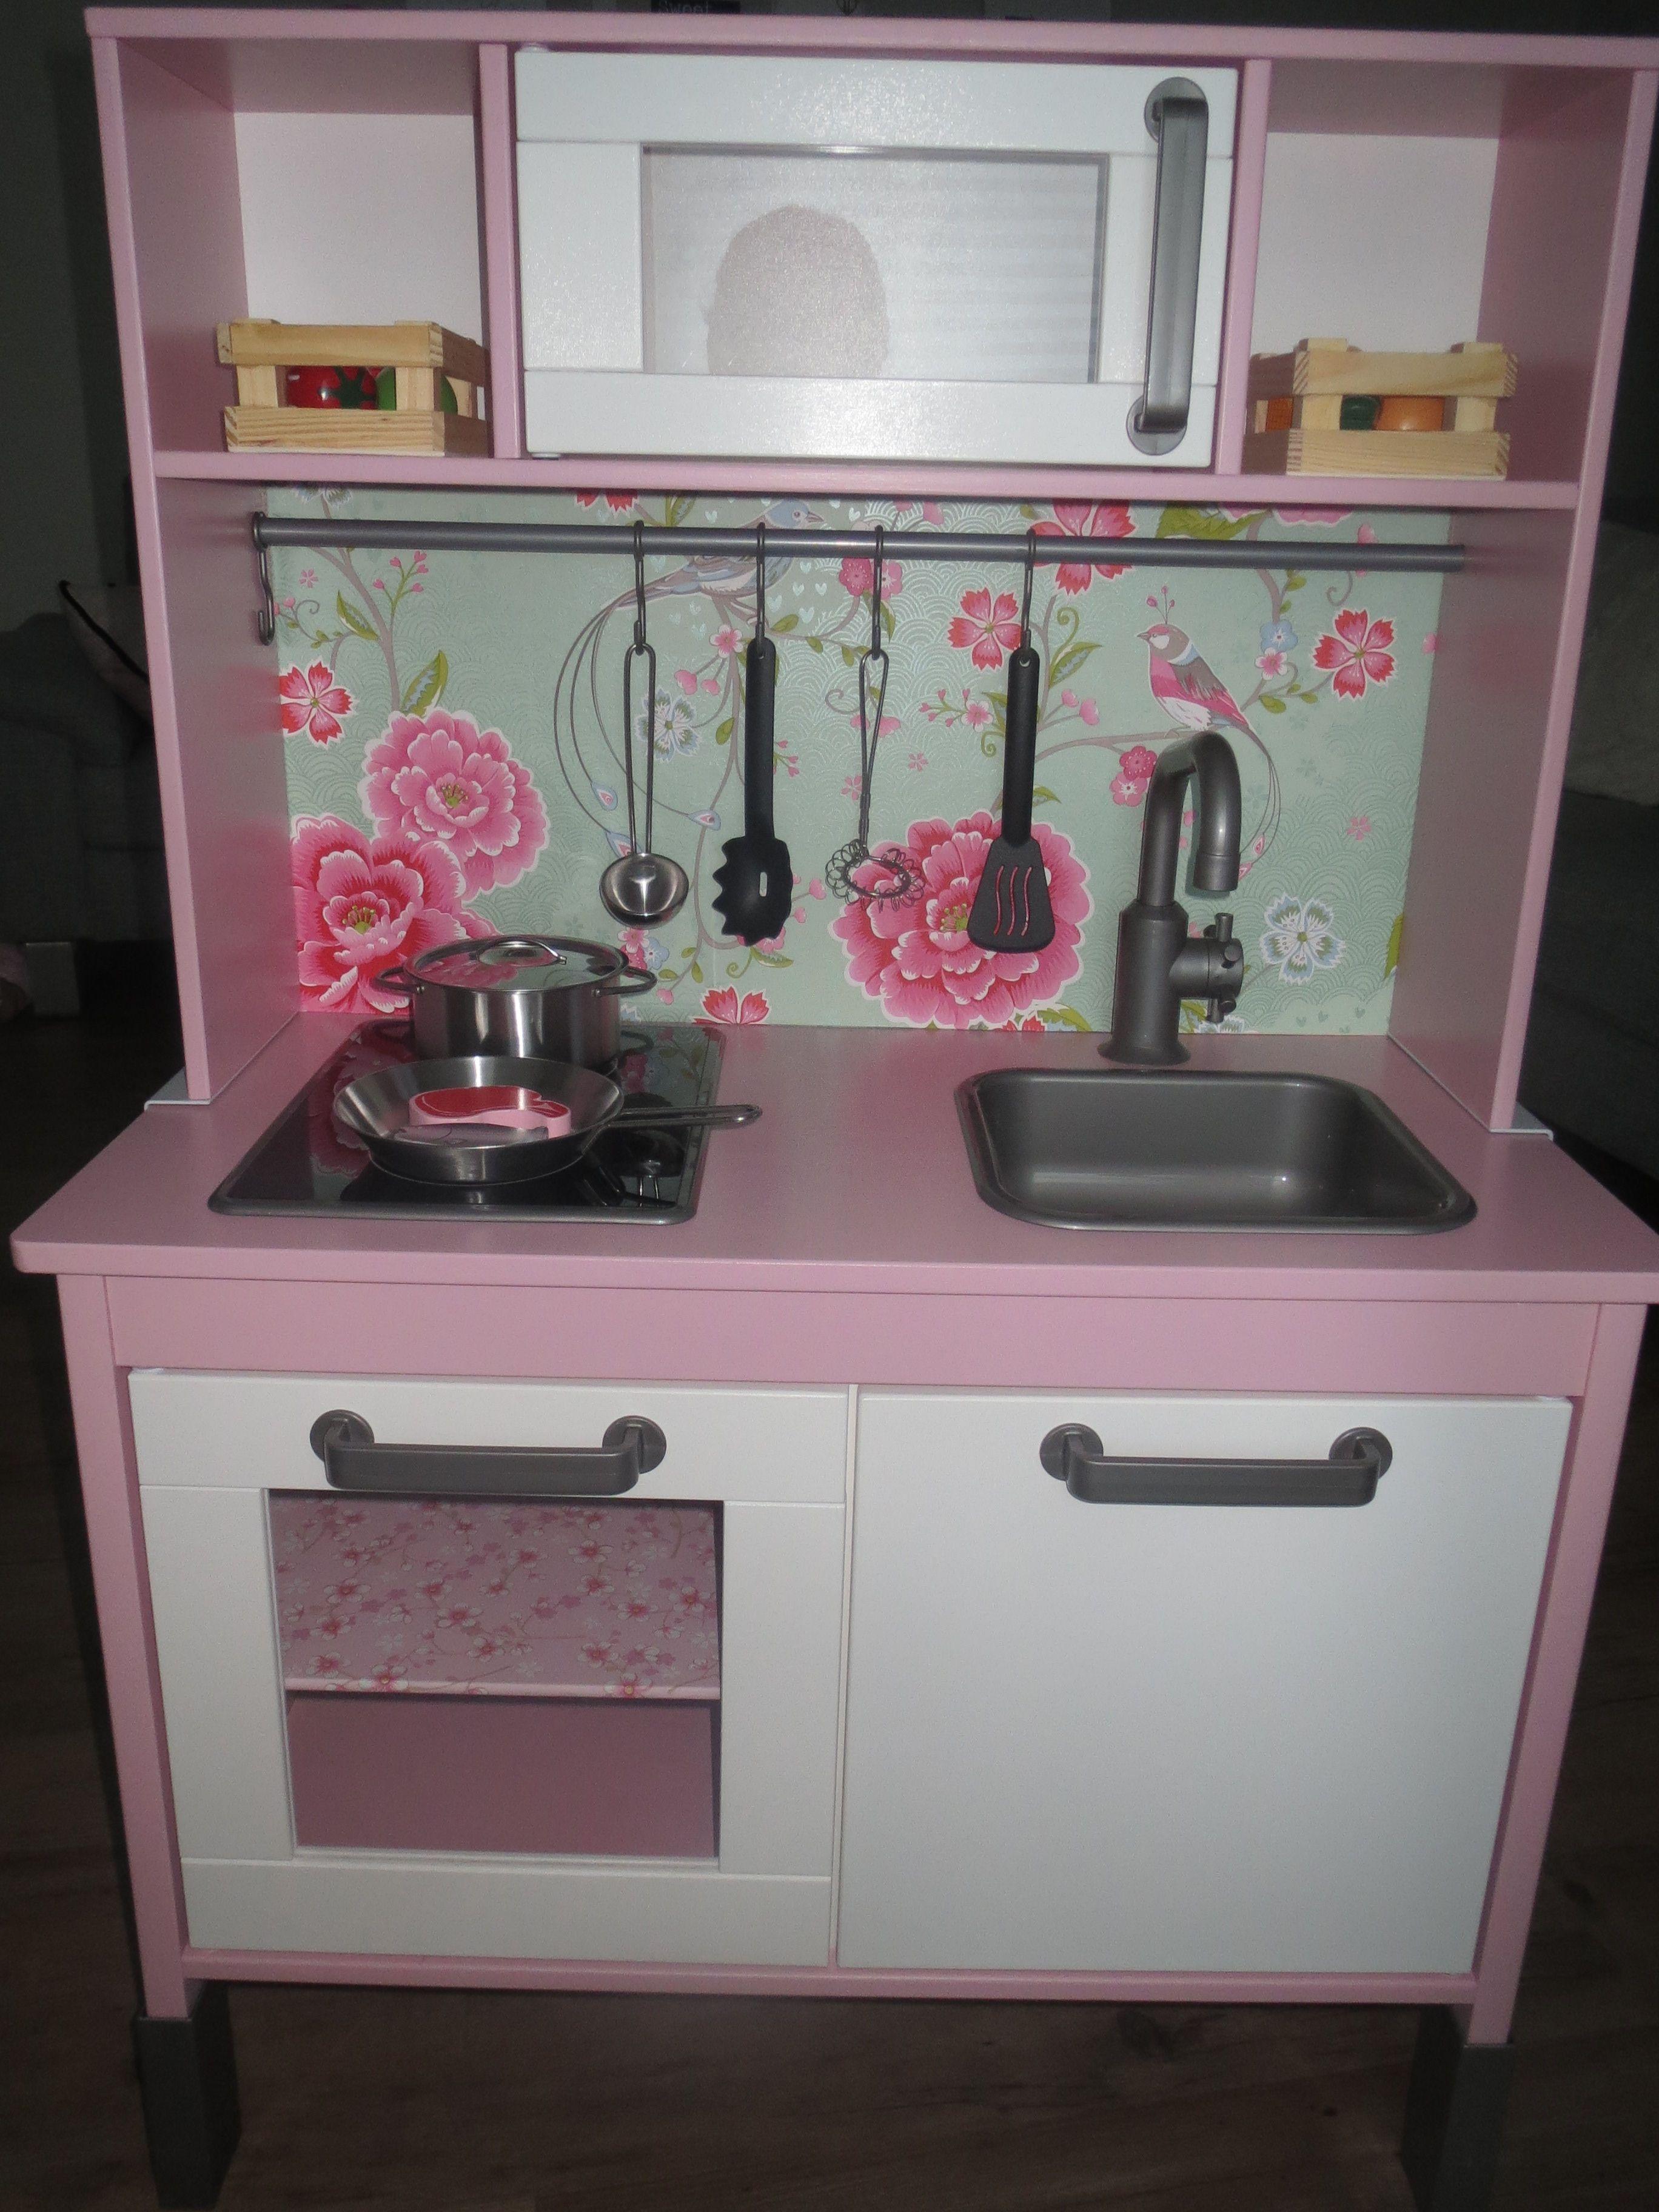 gepimpte Ikea keuken Duktig  주방놀이  Pinterest